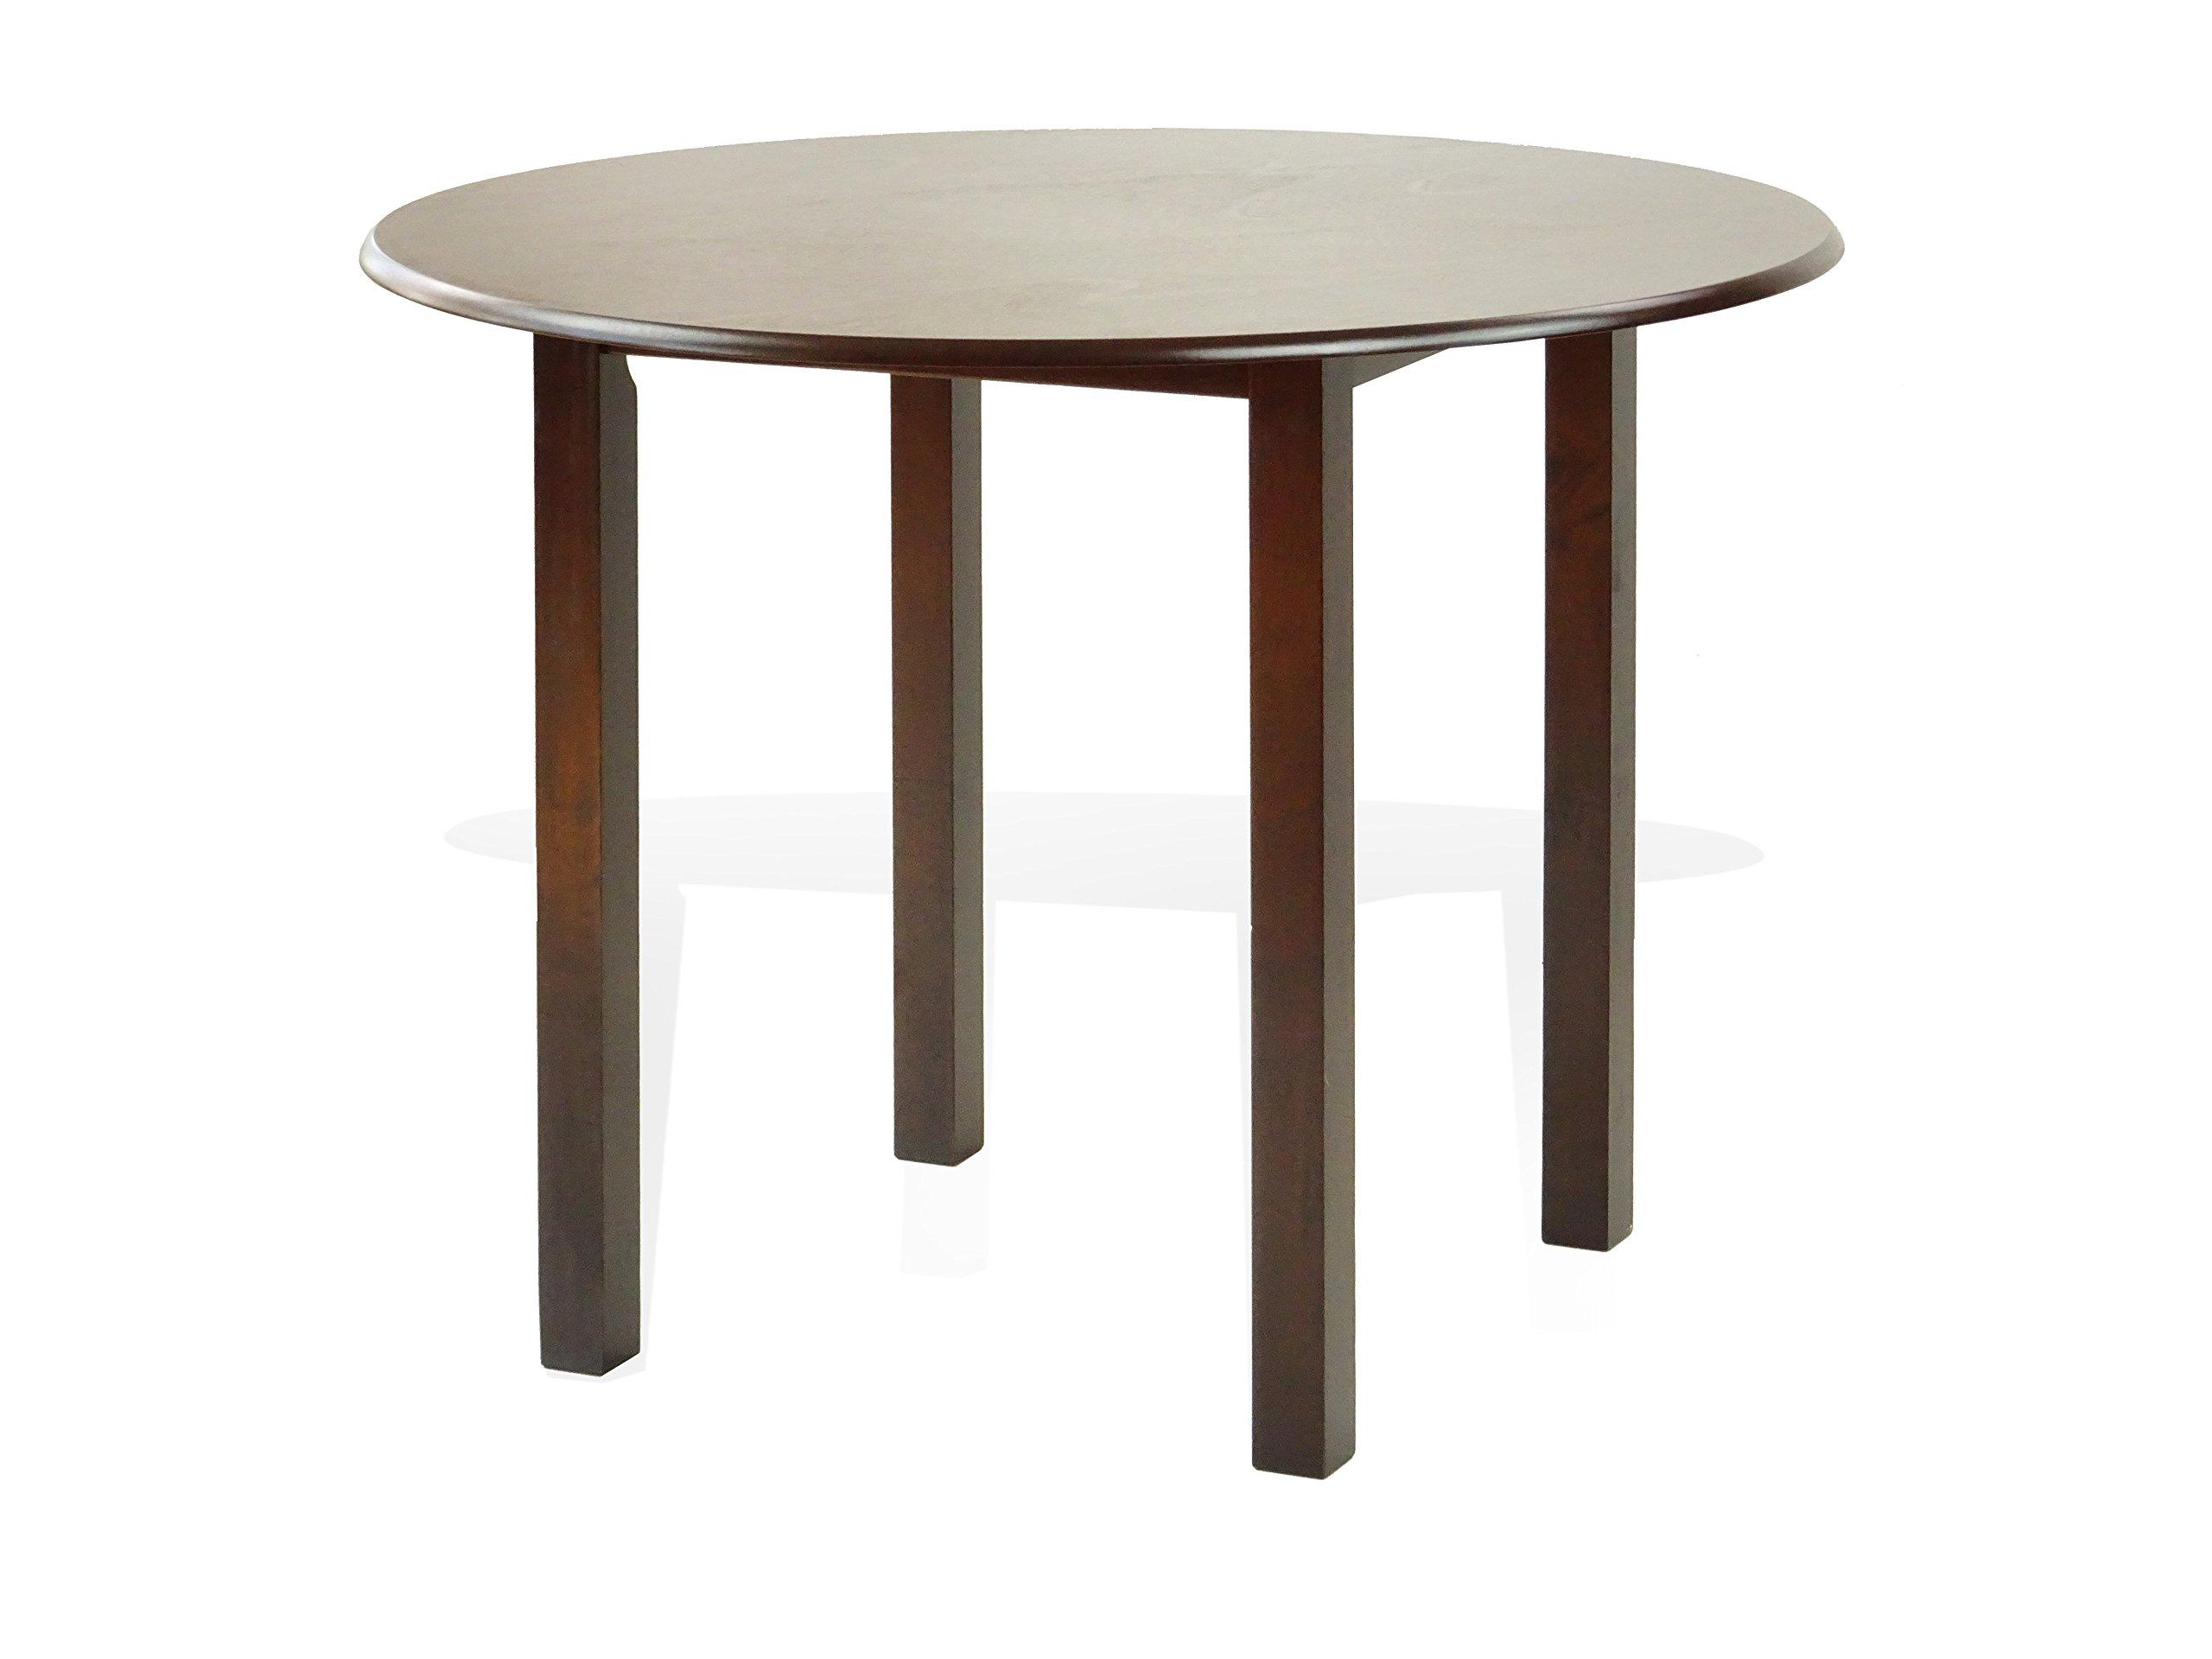 Rattan Wicker Furniture Dining Kitchen Round Contemporary Design Wooden Table Dark Walnut Finish